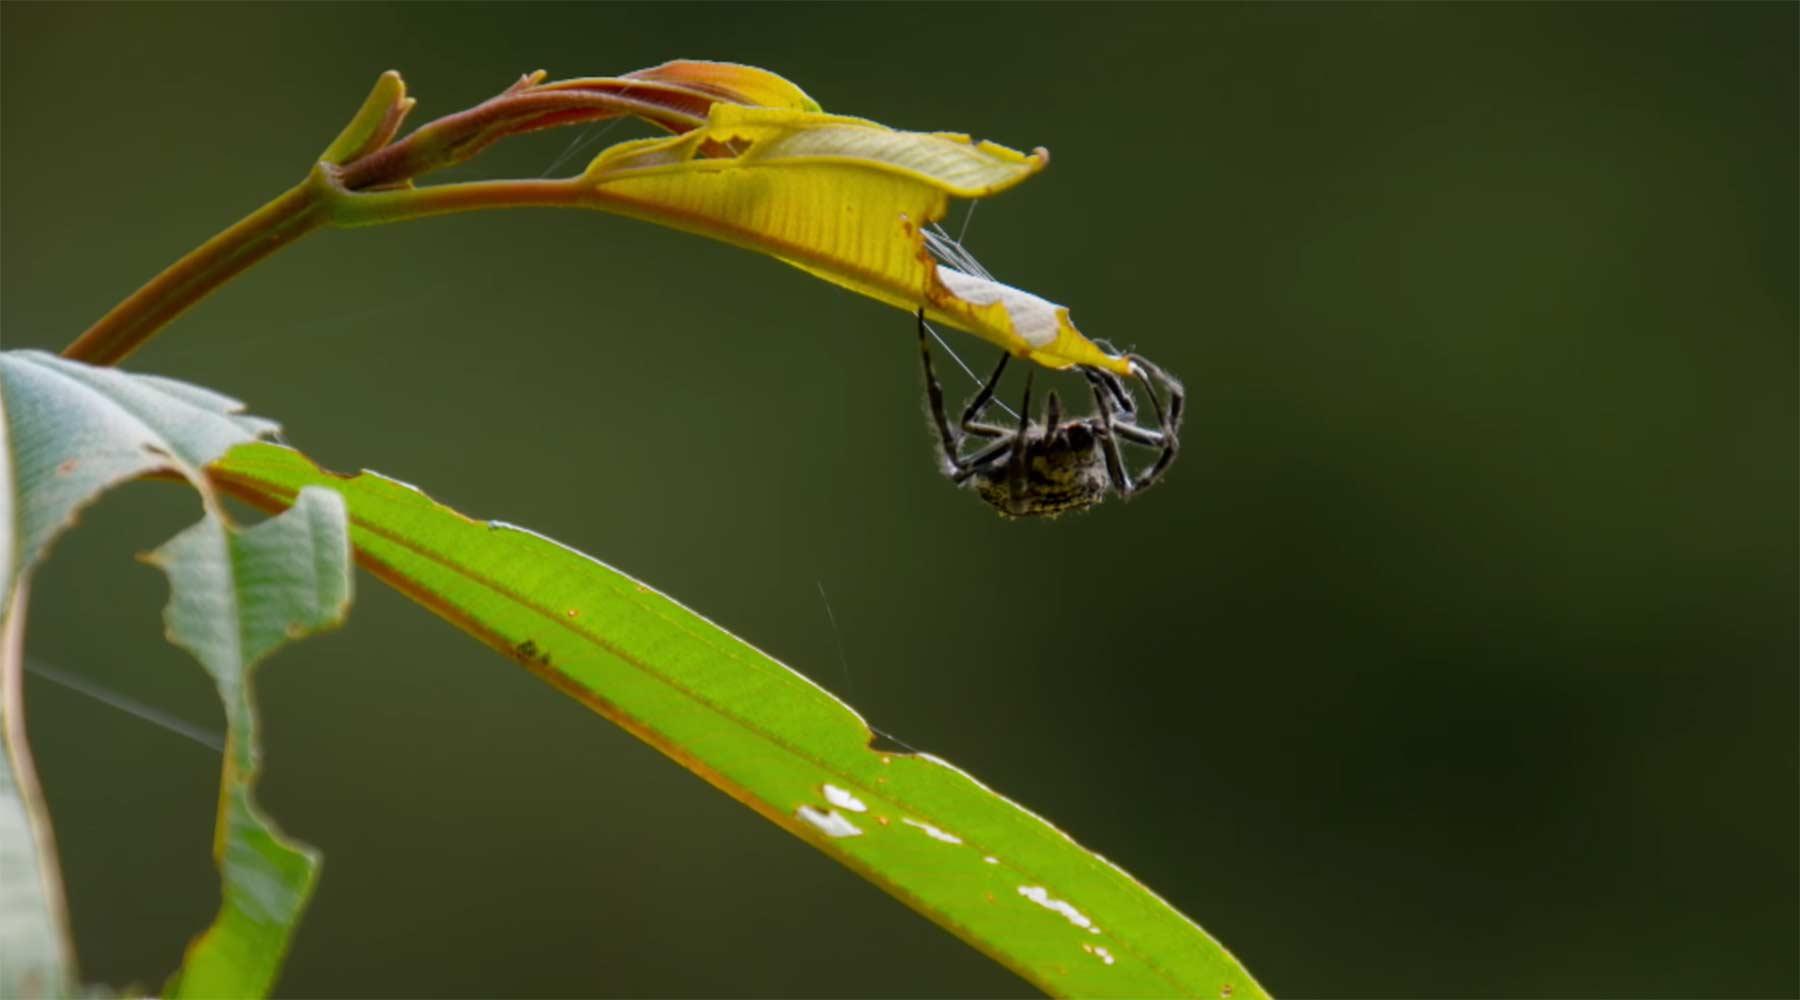 Spinne schießt Netz über 25 Meter